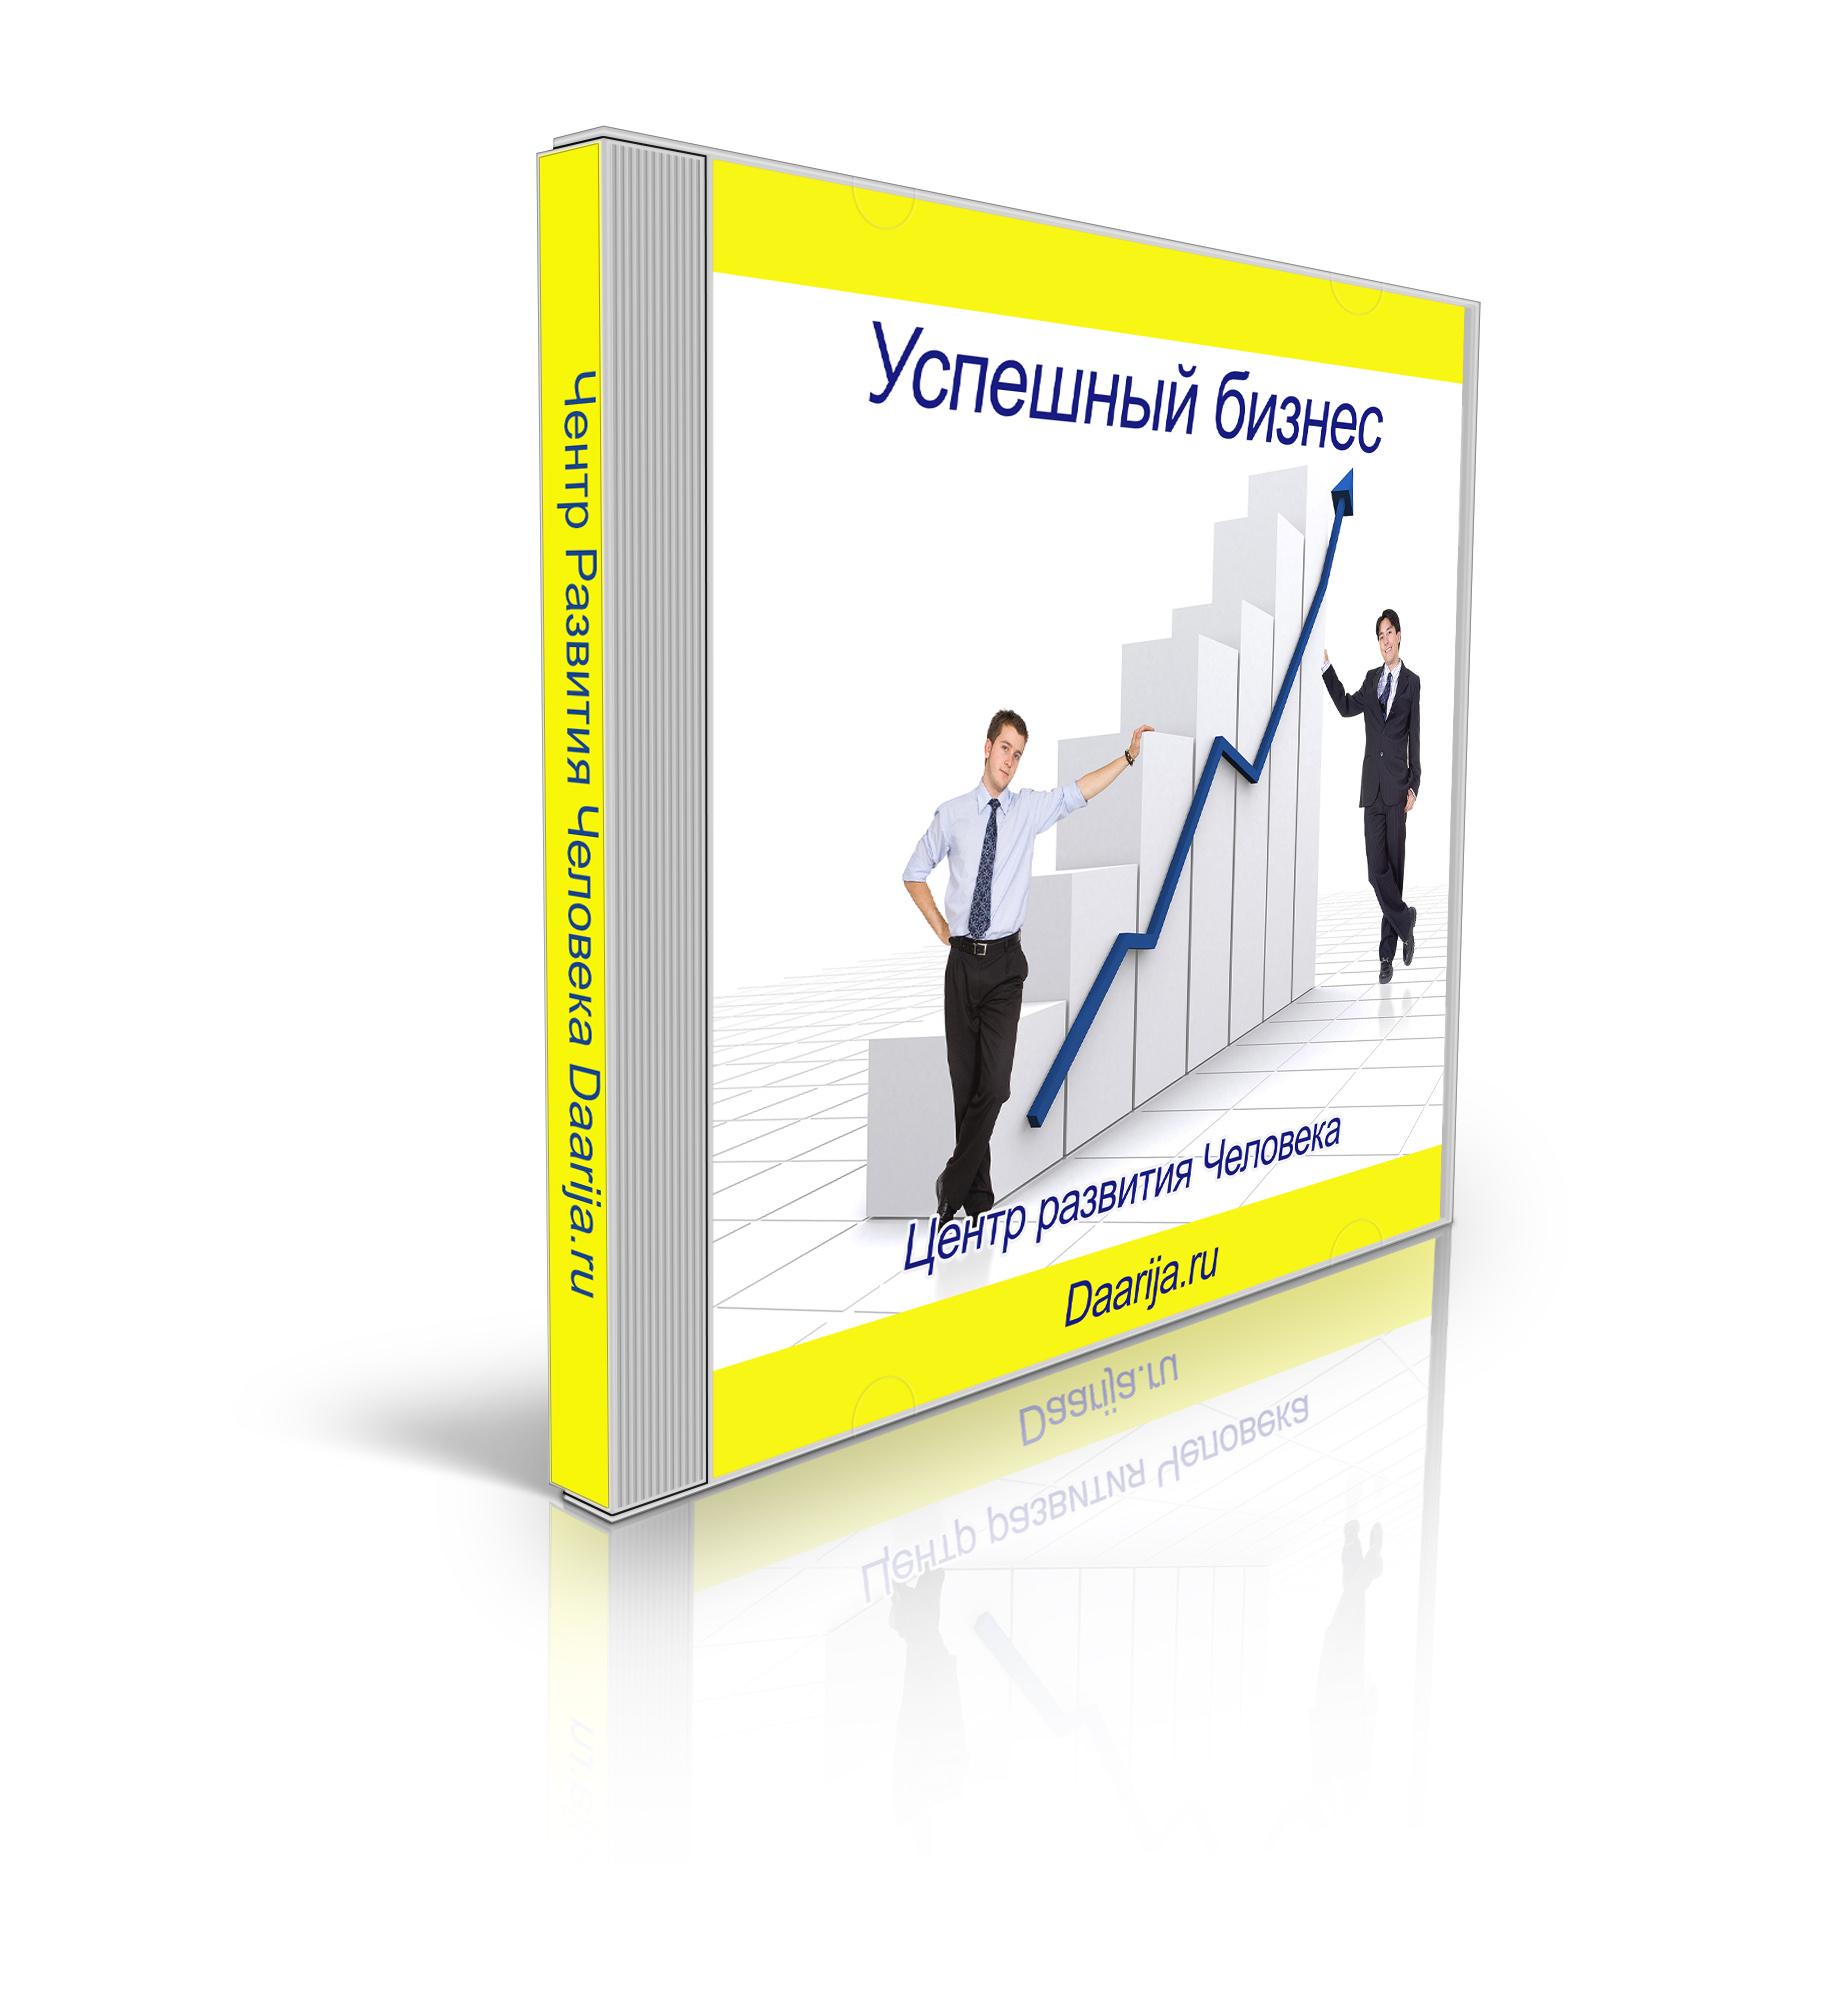 Успешный бизнес (Психокоррекционная аудио программа) Версия 2.0